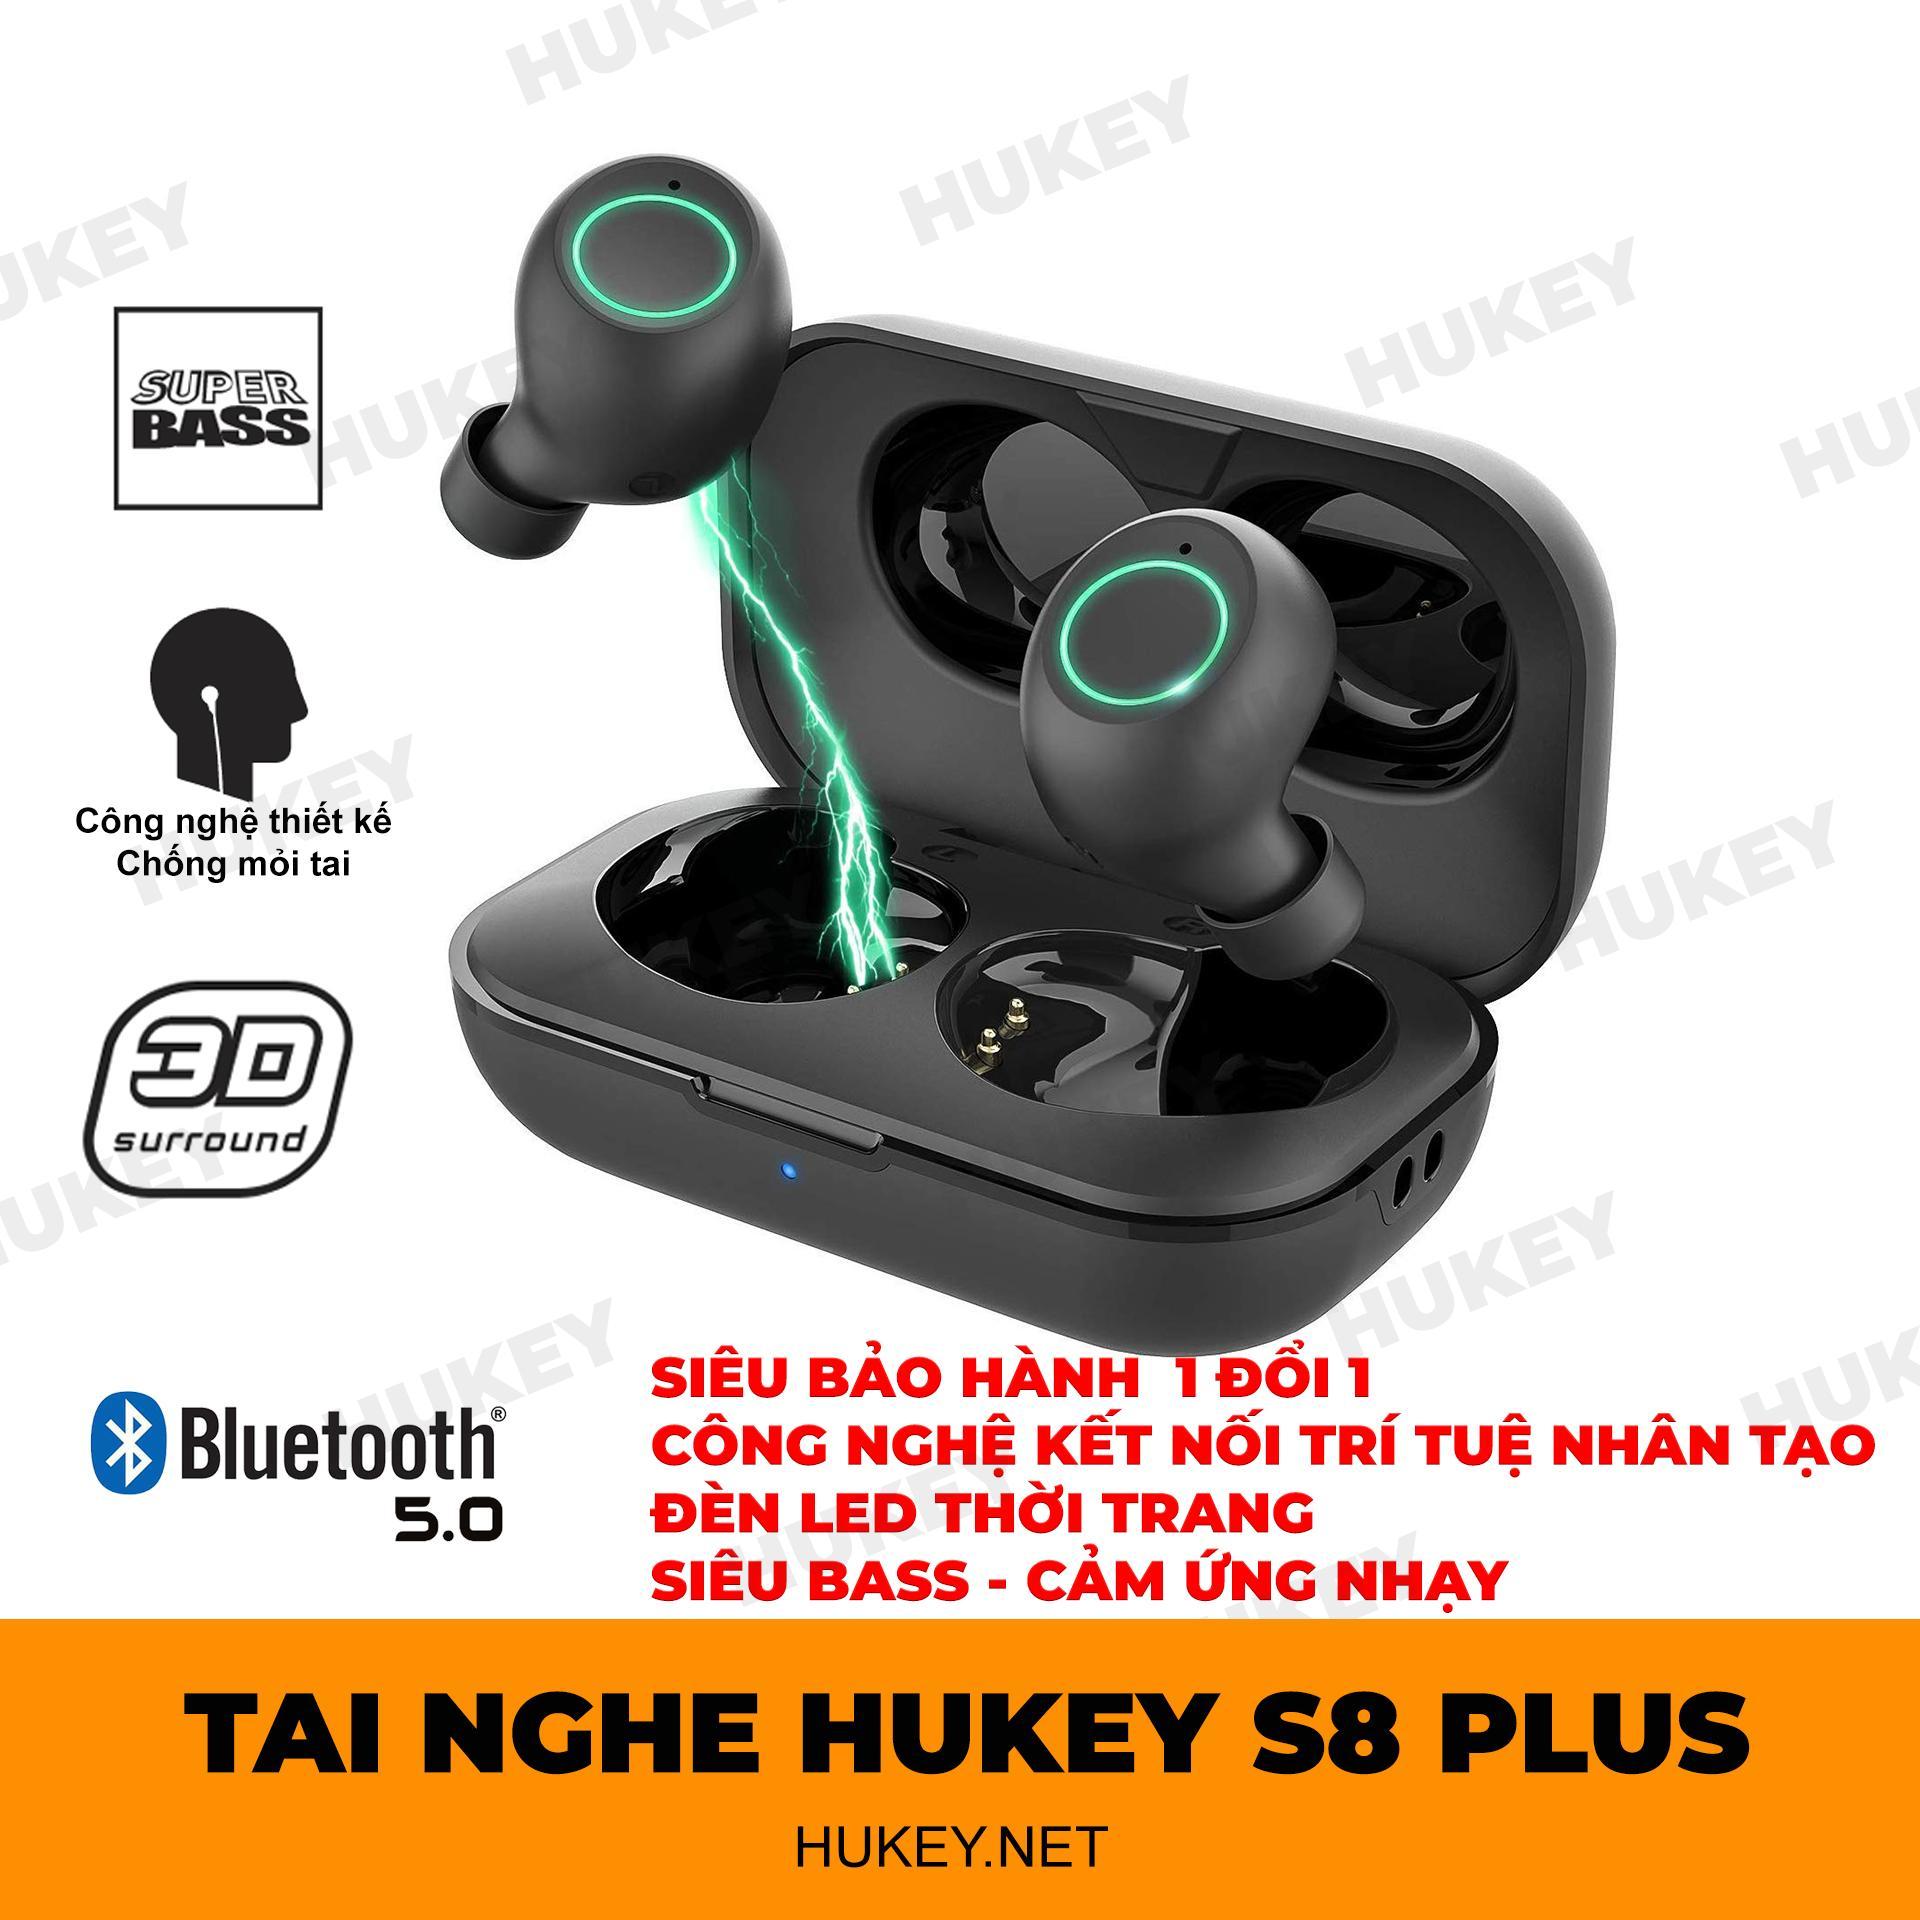 Tai Nghe Bluetooth Không Dây Hoàn Toàn Hukey S8 Plus - Kết Nối Công Nghệ Thông Minh Trí Tuệ Nhân Tạo- Siêu Nhỏ - Siêu Bass - đèn LED Cực Thời Trang Đang Giảm Giá